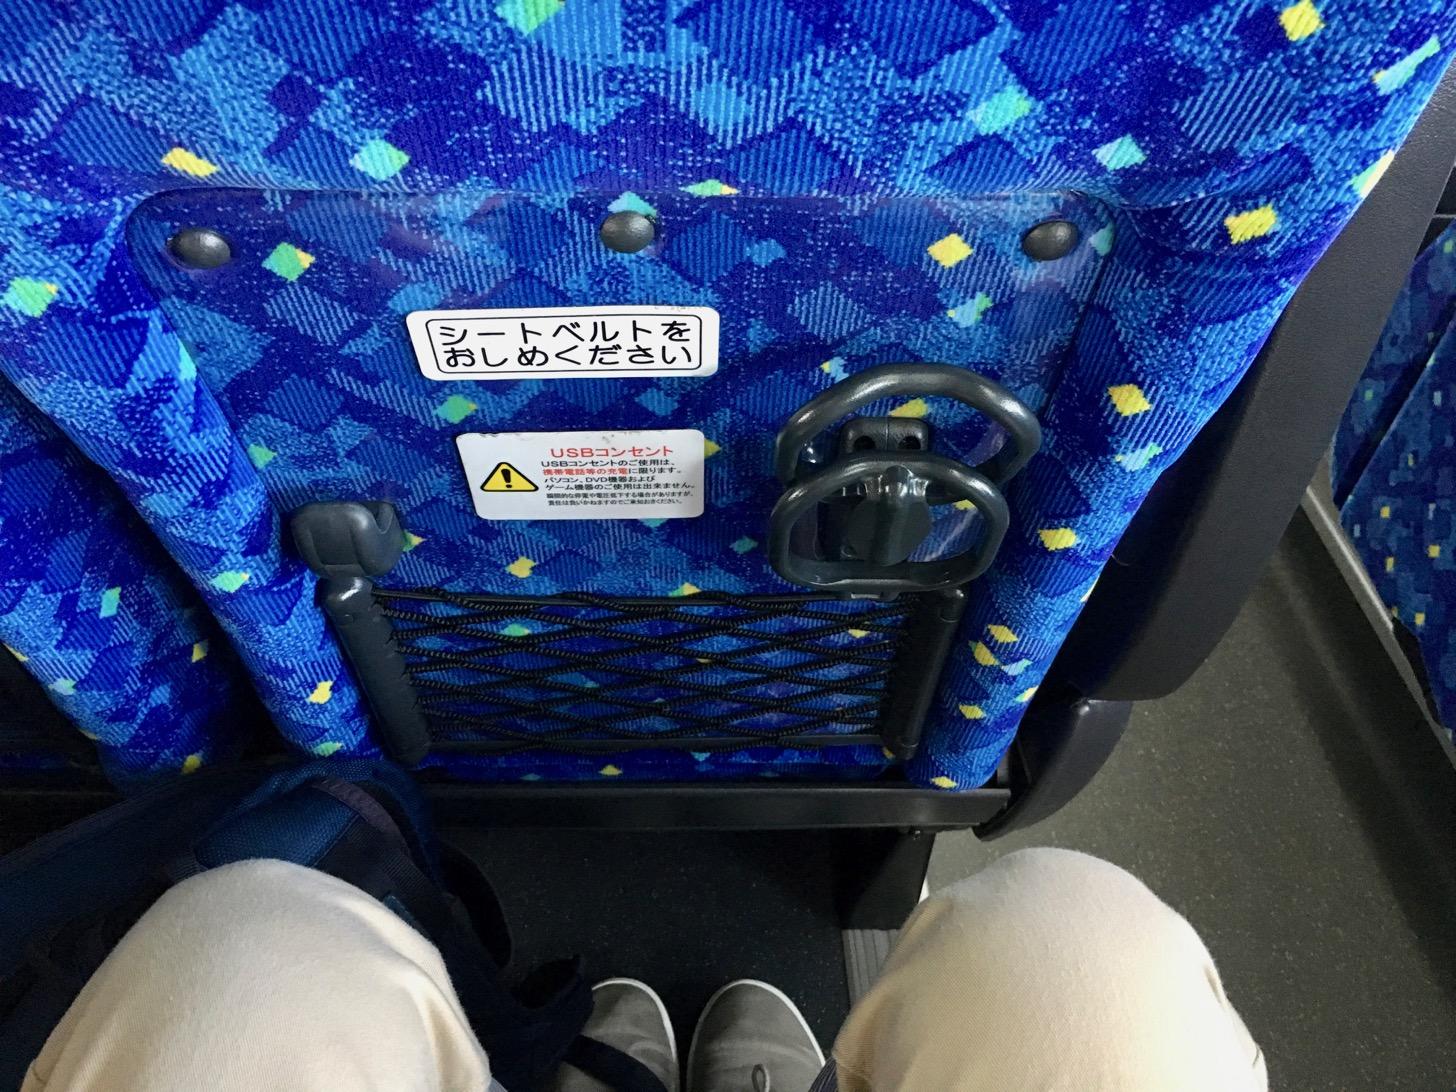 調布駅からディズニーランド・シー行きの高速バス内の座席